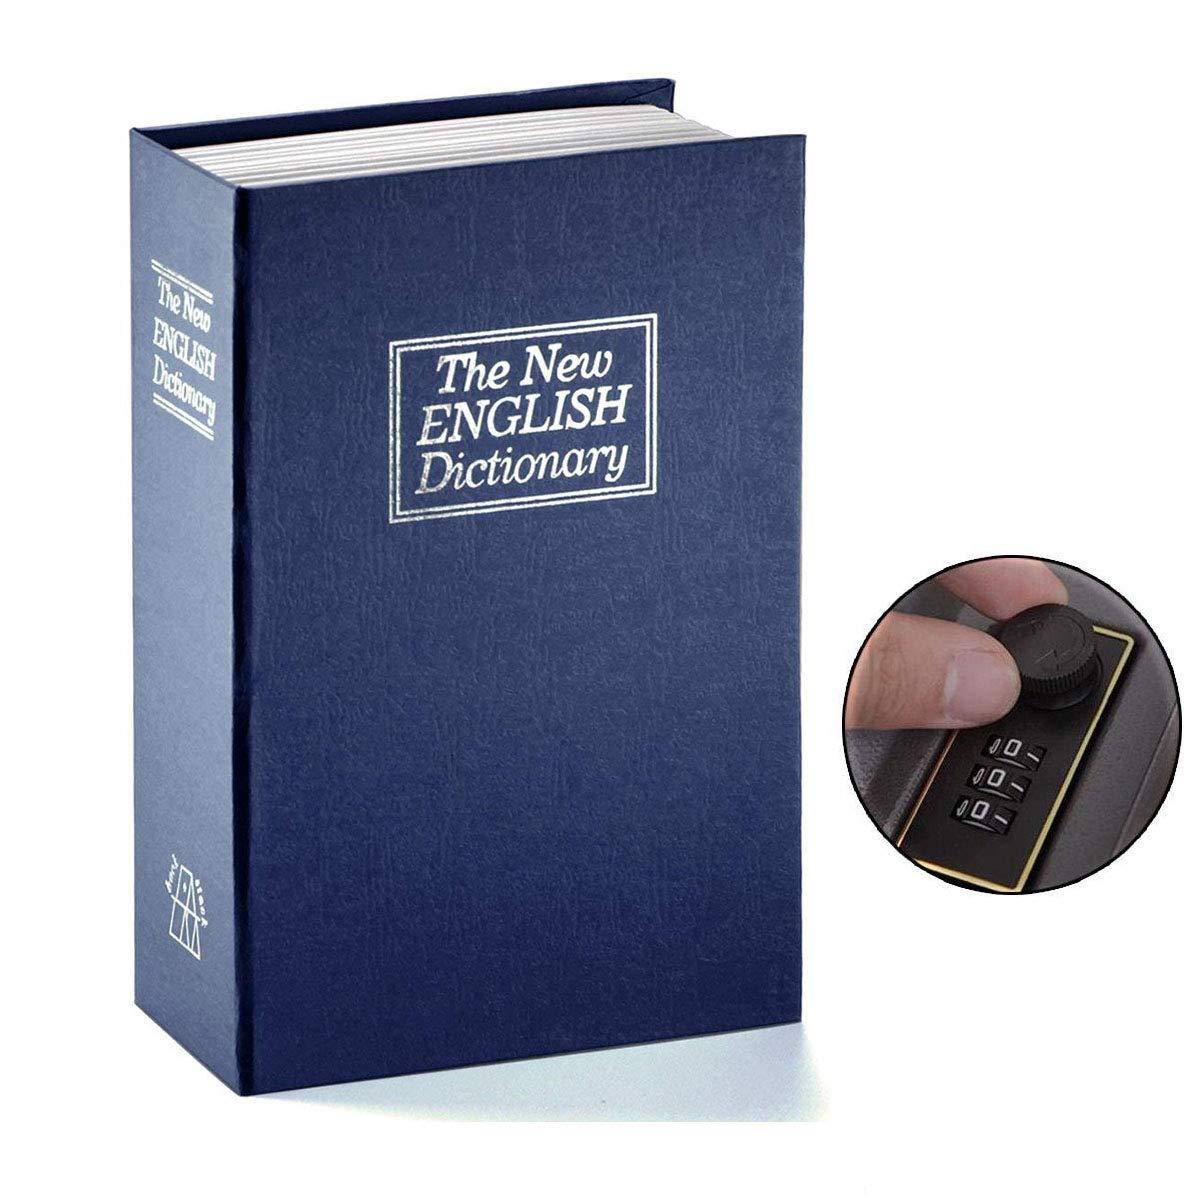 Langtor Cassaforte a forma di libro con lucchetto a combinazione dizionario Diversione salvadanaio, Portable Safe box, ideale per conservare denaro, Blue, small